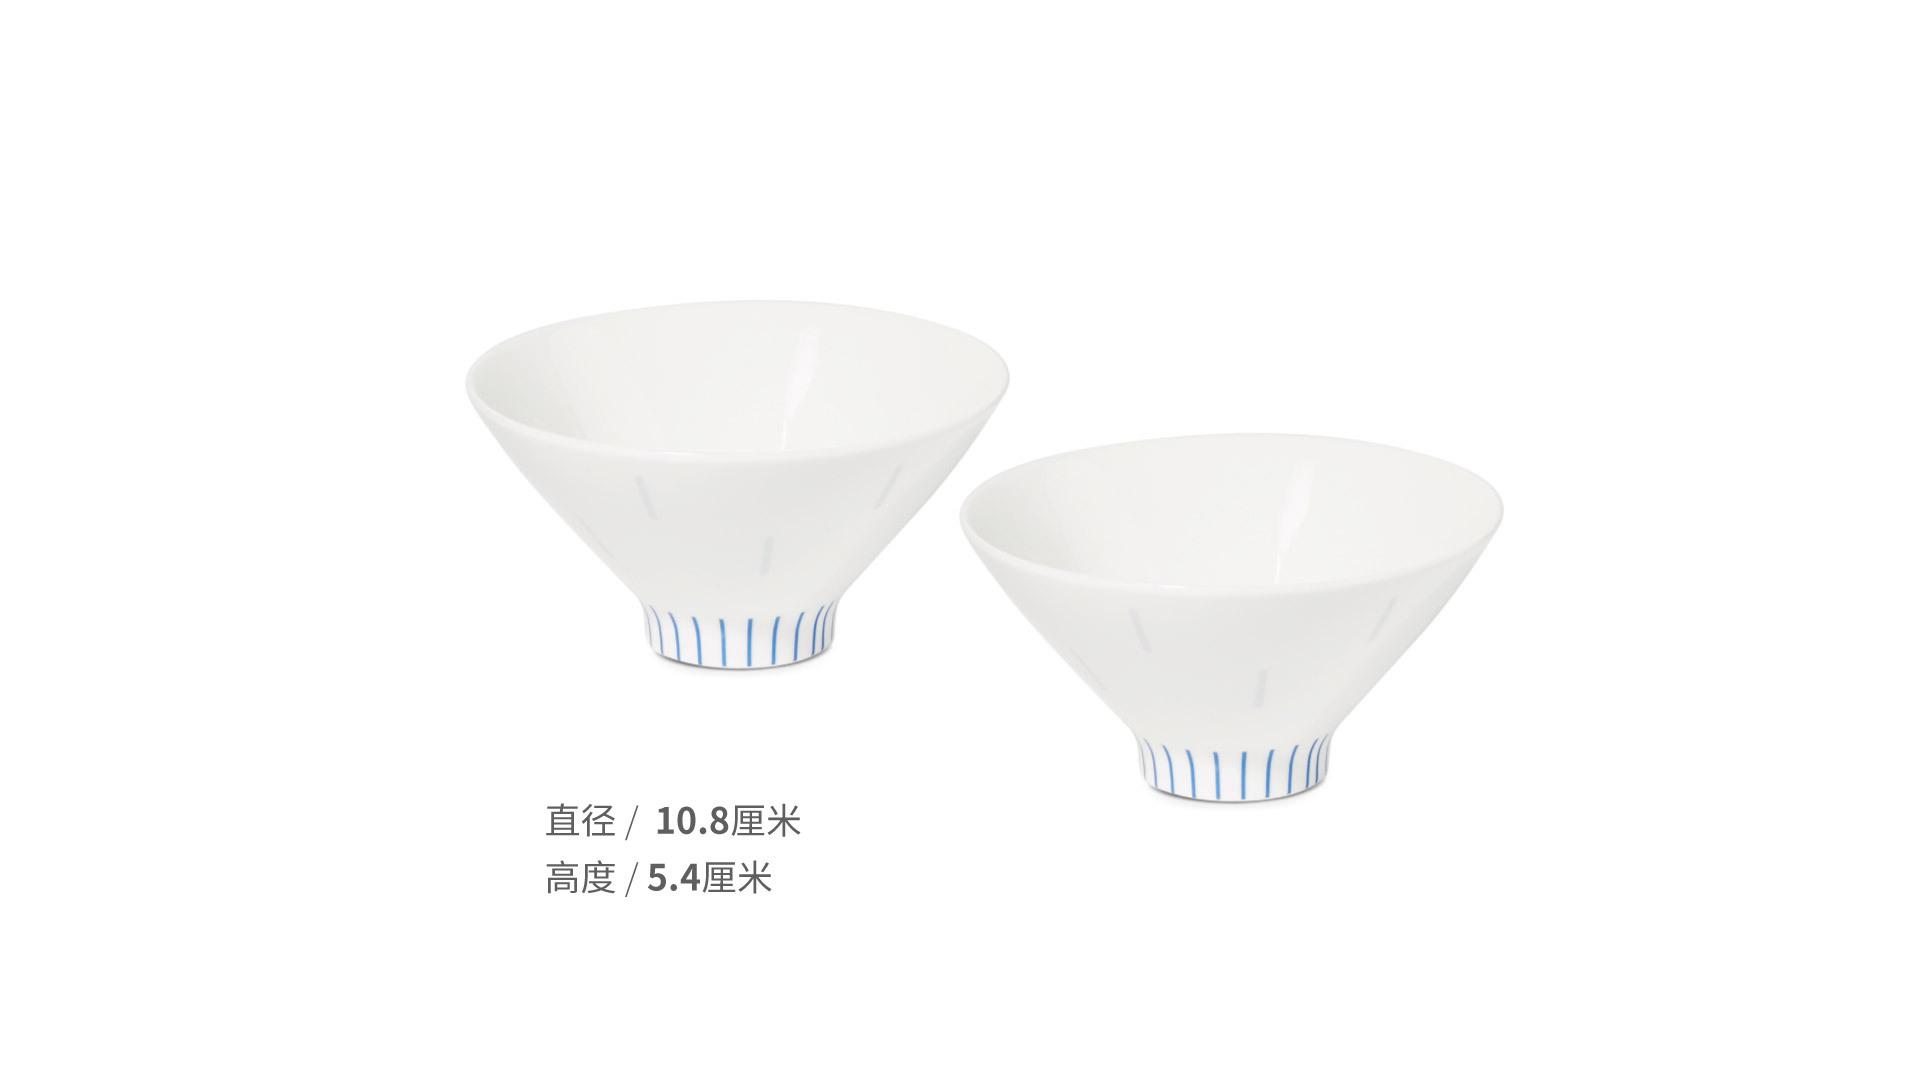 镜线西班牙瓷土餐具组小碗套装餐具效果图